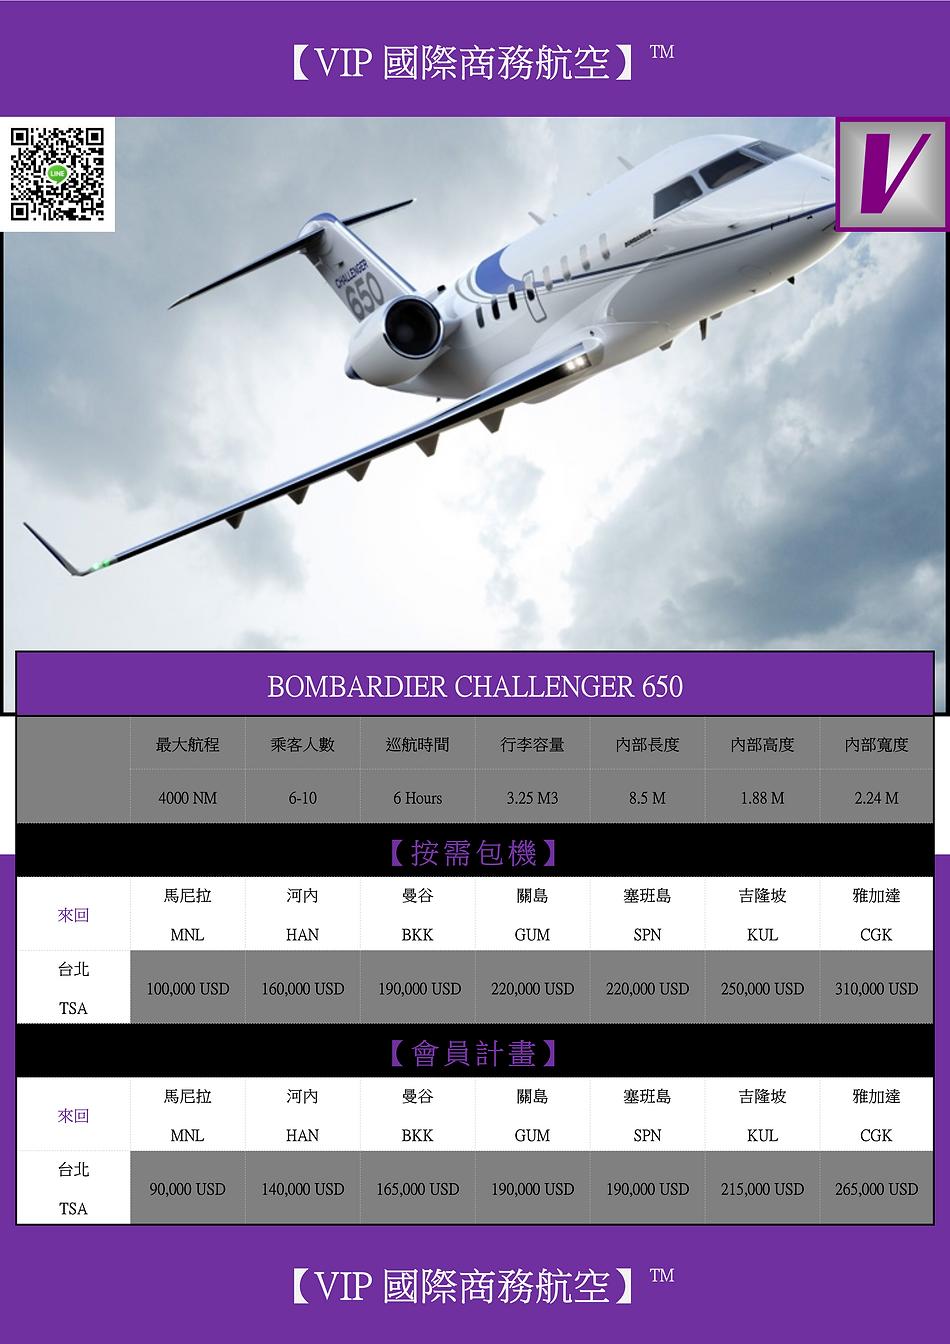 VIP GLOBAL BOMBARDIER CHALLENGER 650 DM